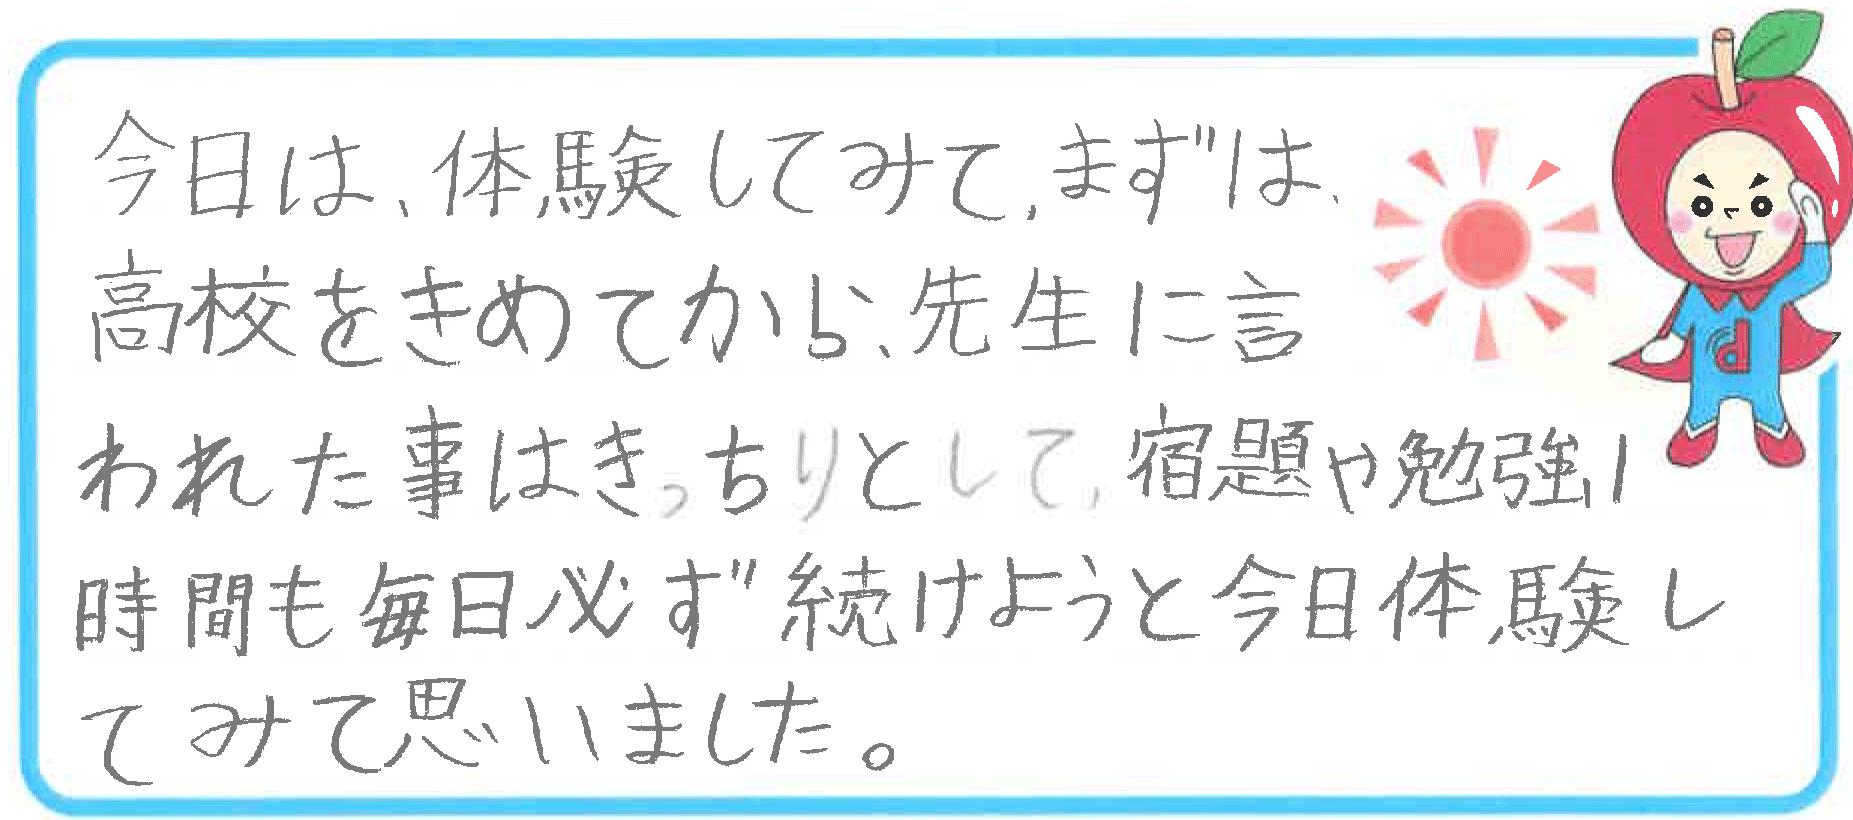 S君(神崎郡福崎町)からの口コミ